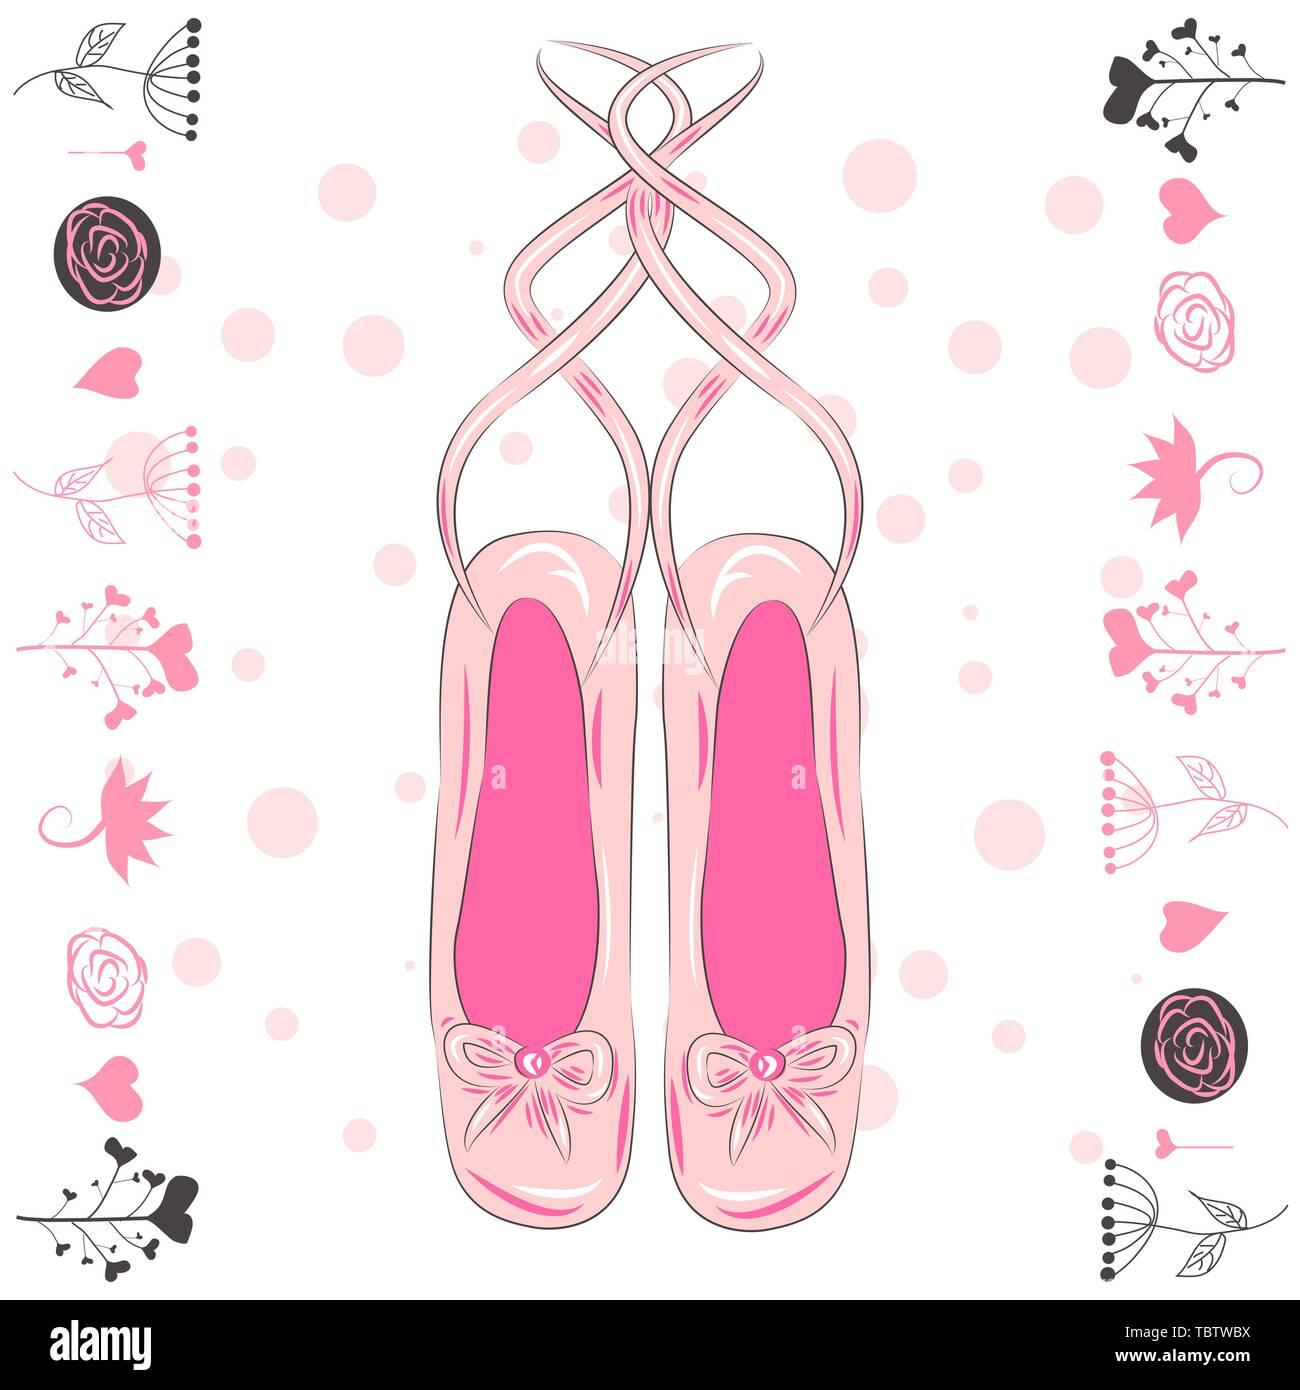 Illustrazione di una coppia di ben indossati ballet pointes scarpe Immagini Stock